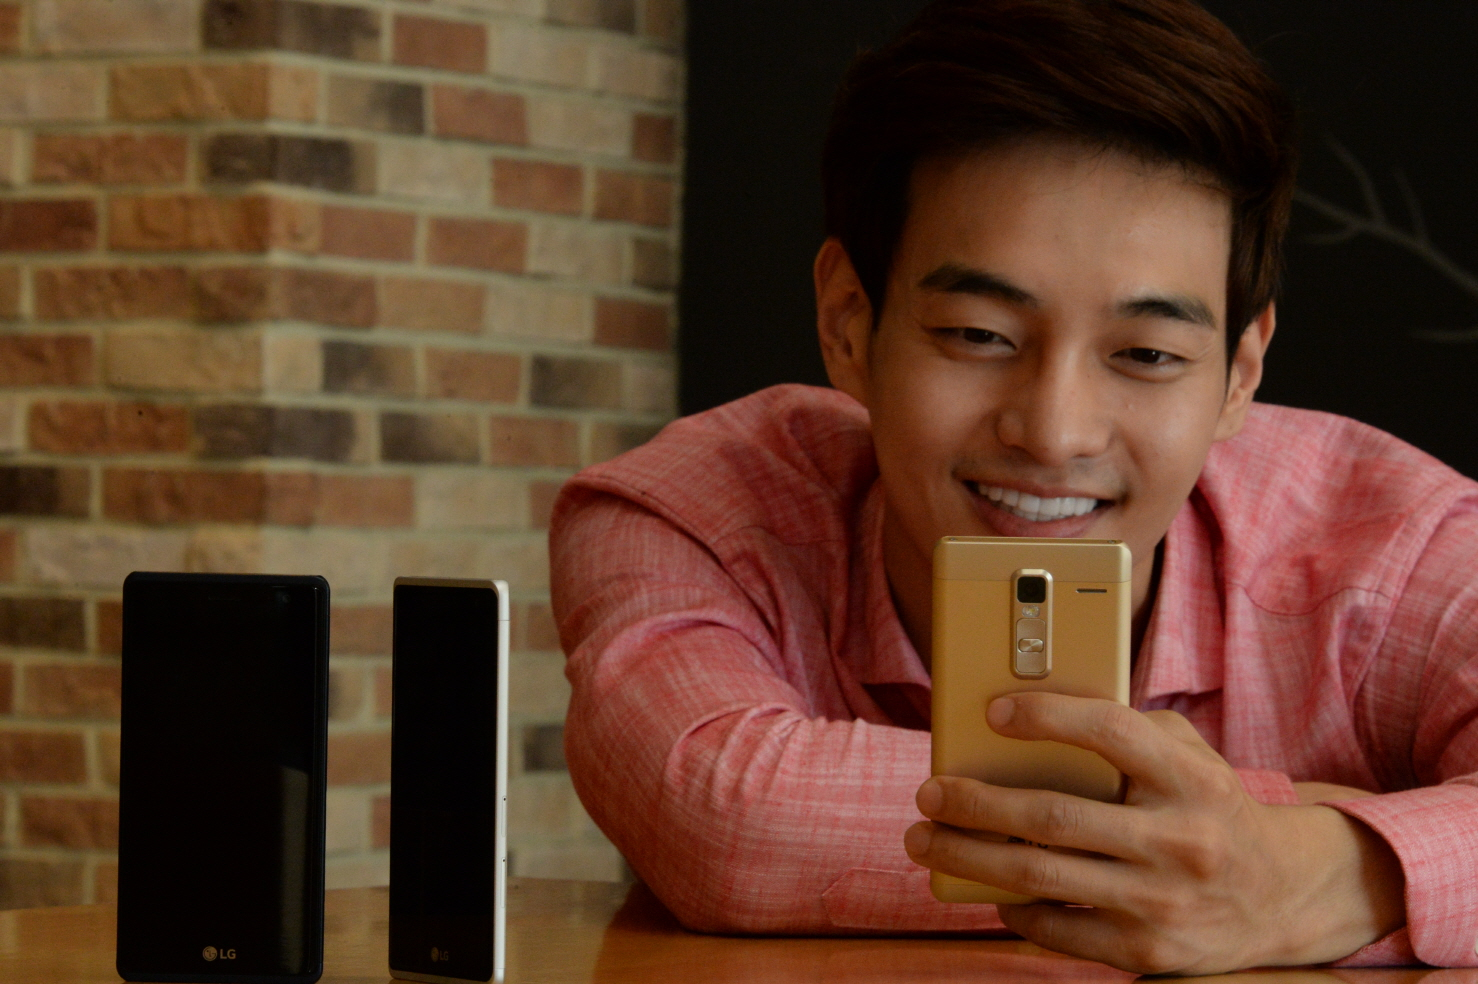 셀카에 강한 보급형 LG 스마트폰, LG 클래스 출시